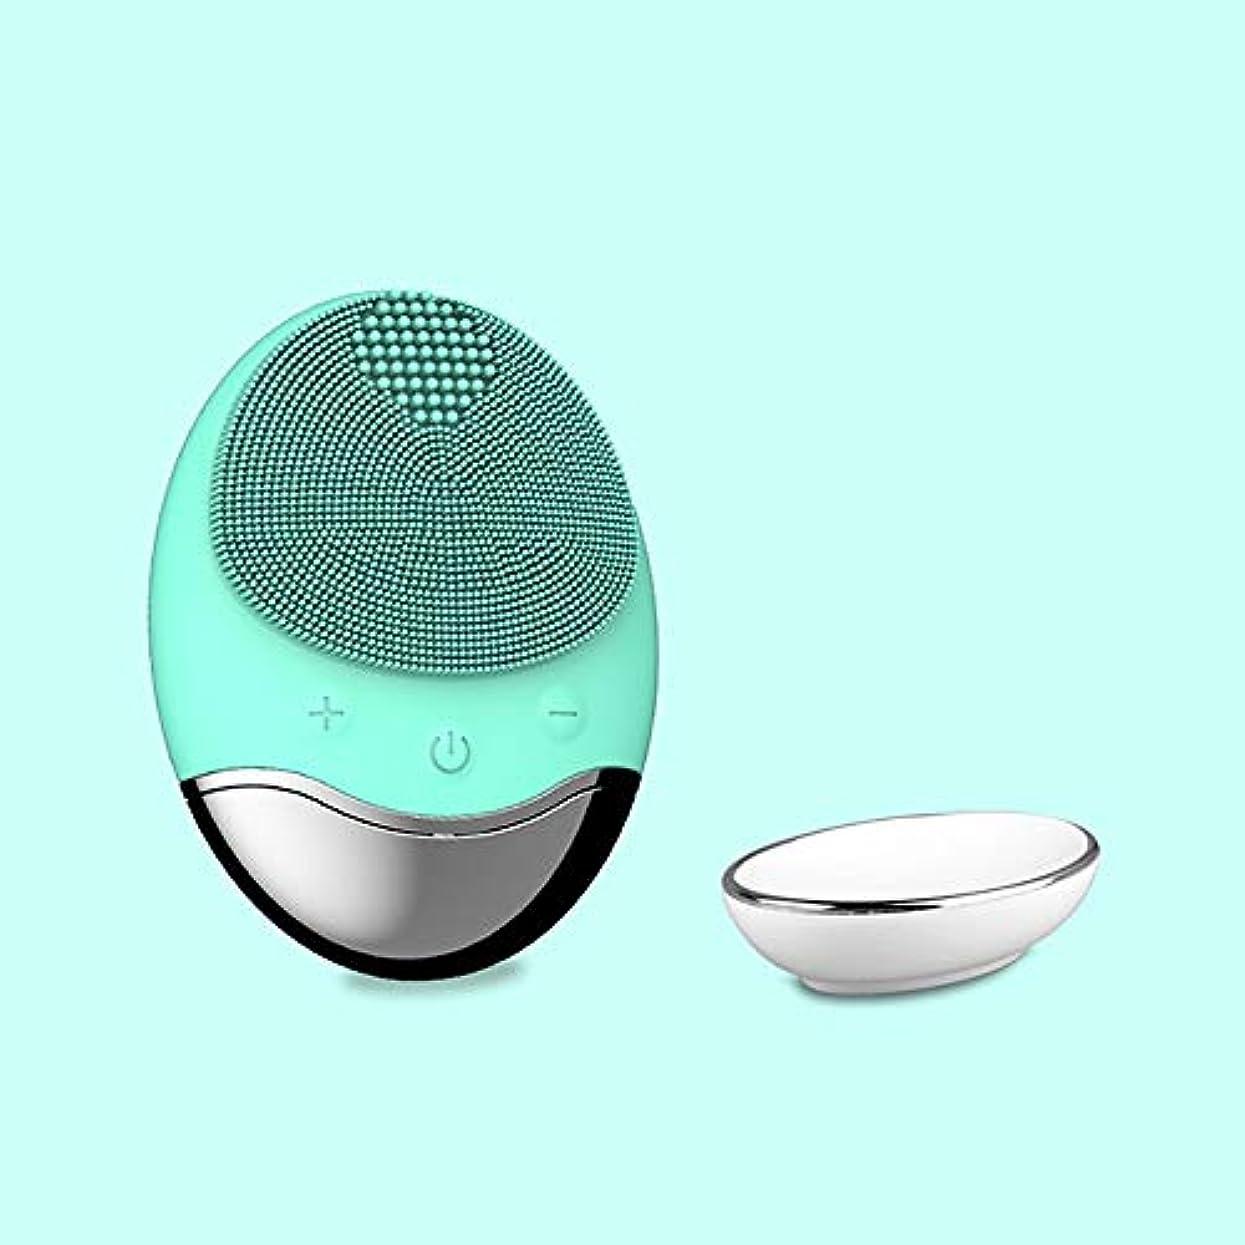 申し立てられた酸度方法論ZXF 新しいアップグレードワイヤレス充電電気家庭用竹炭シリコーン防水超音波洗浄毛穴洗浄器具洗浄器具輸入器具 滑らかである (色 : Green)